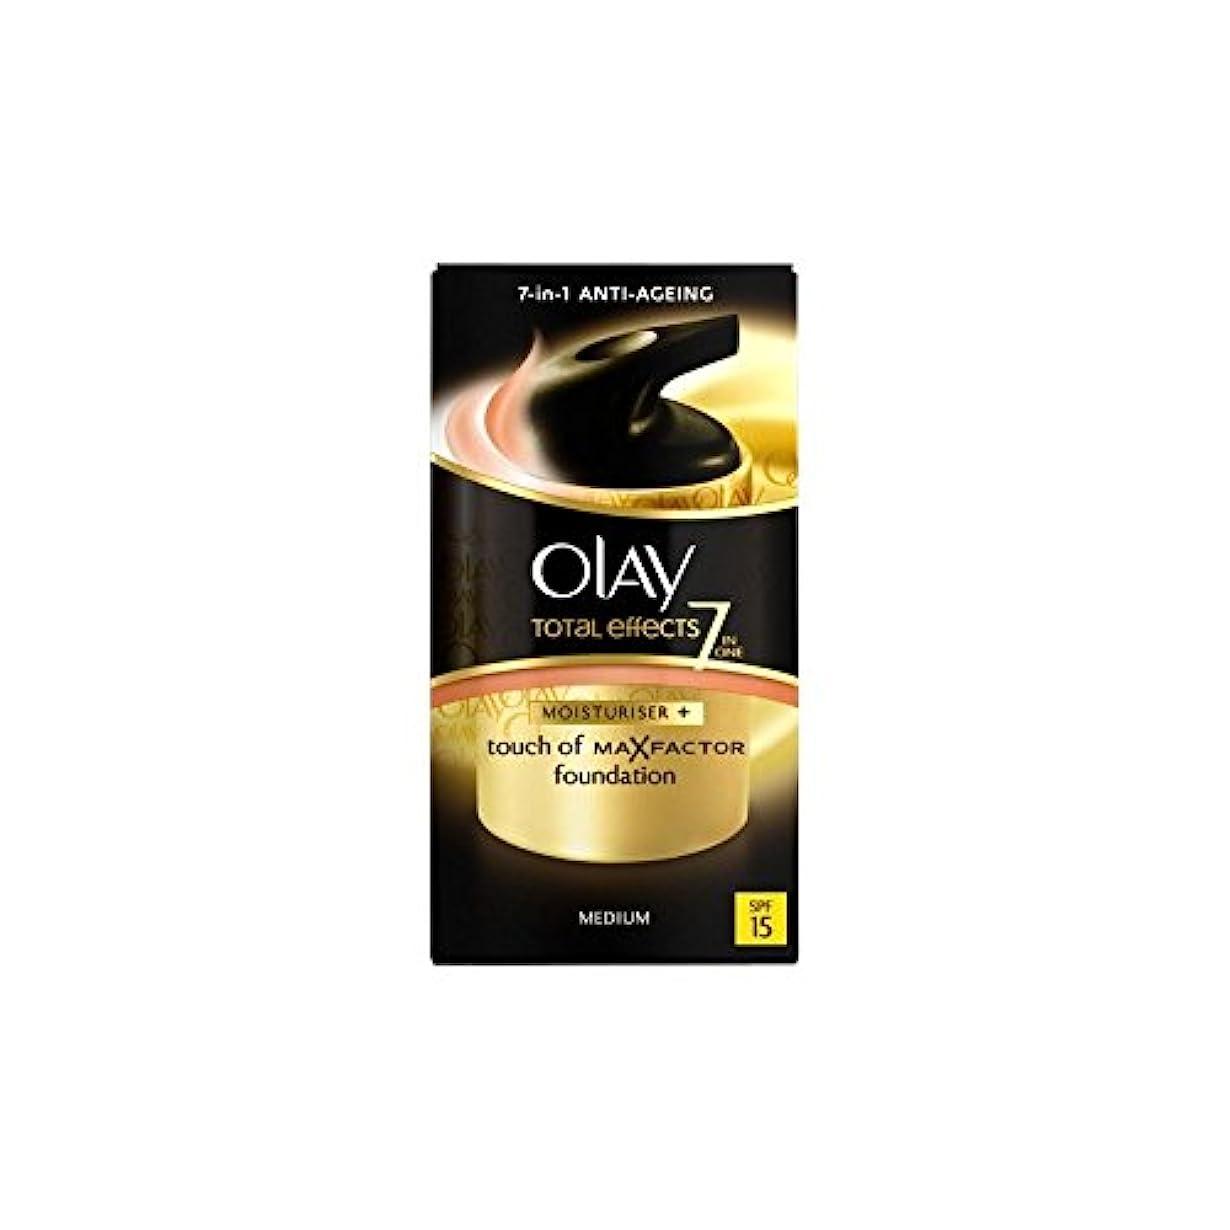 Olay Total Effects Moisturiser Bb Cream Spf15 - Medium (50ml) (Pack of 6) - オーレイトータルエフェクト保湿クリーム15 - 培地(50ミリリットル...